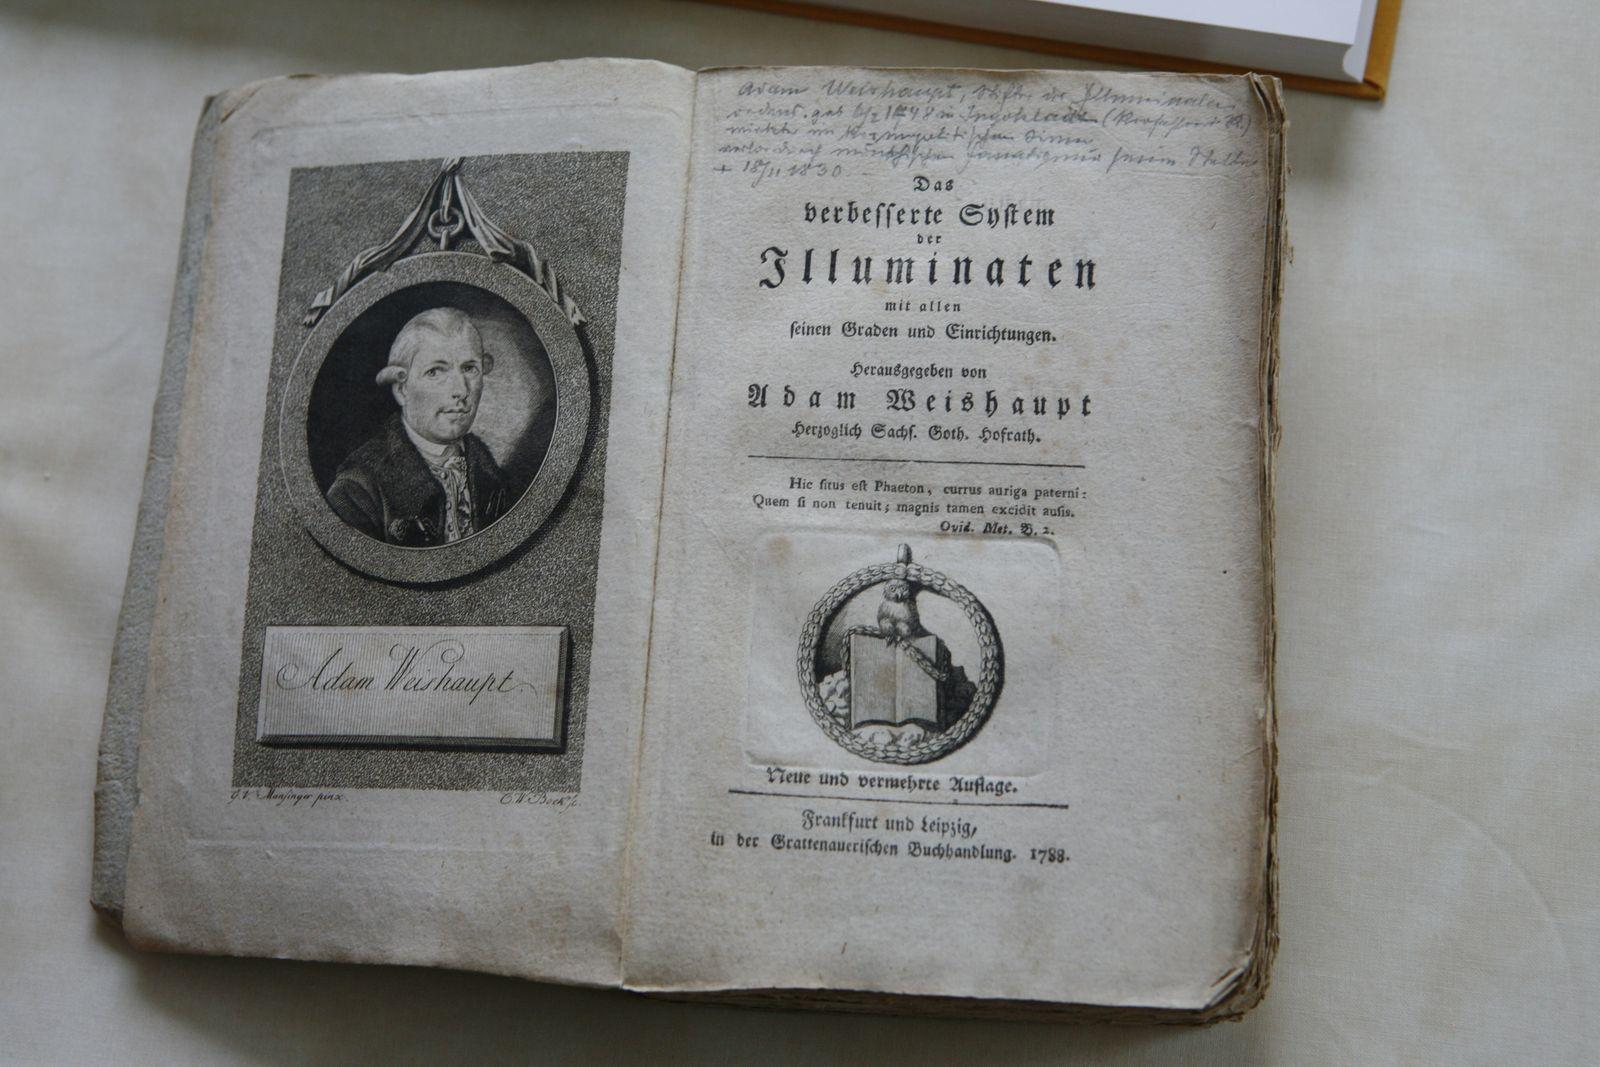 Das verbesserte System der Illuminaten, aufgeschlagenes Buch